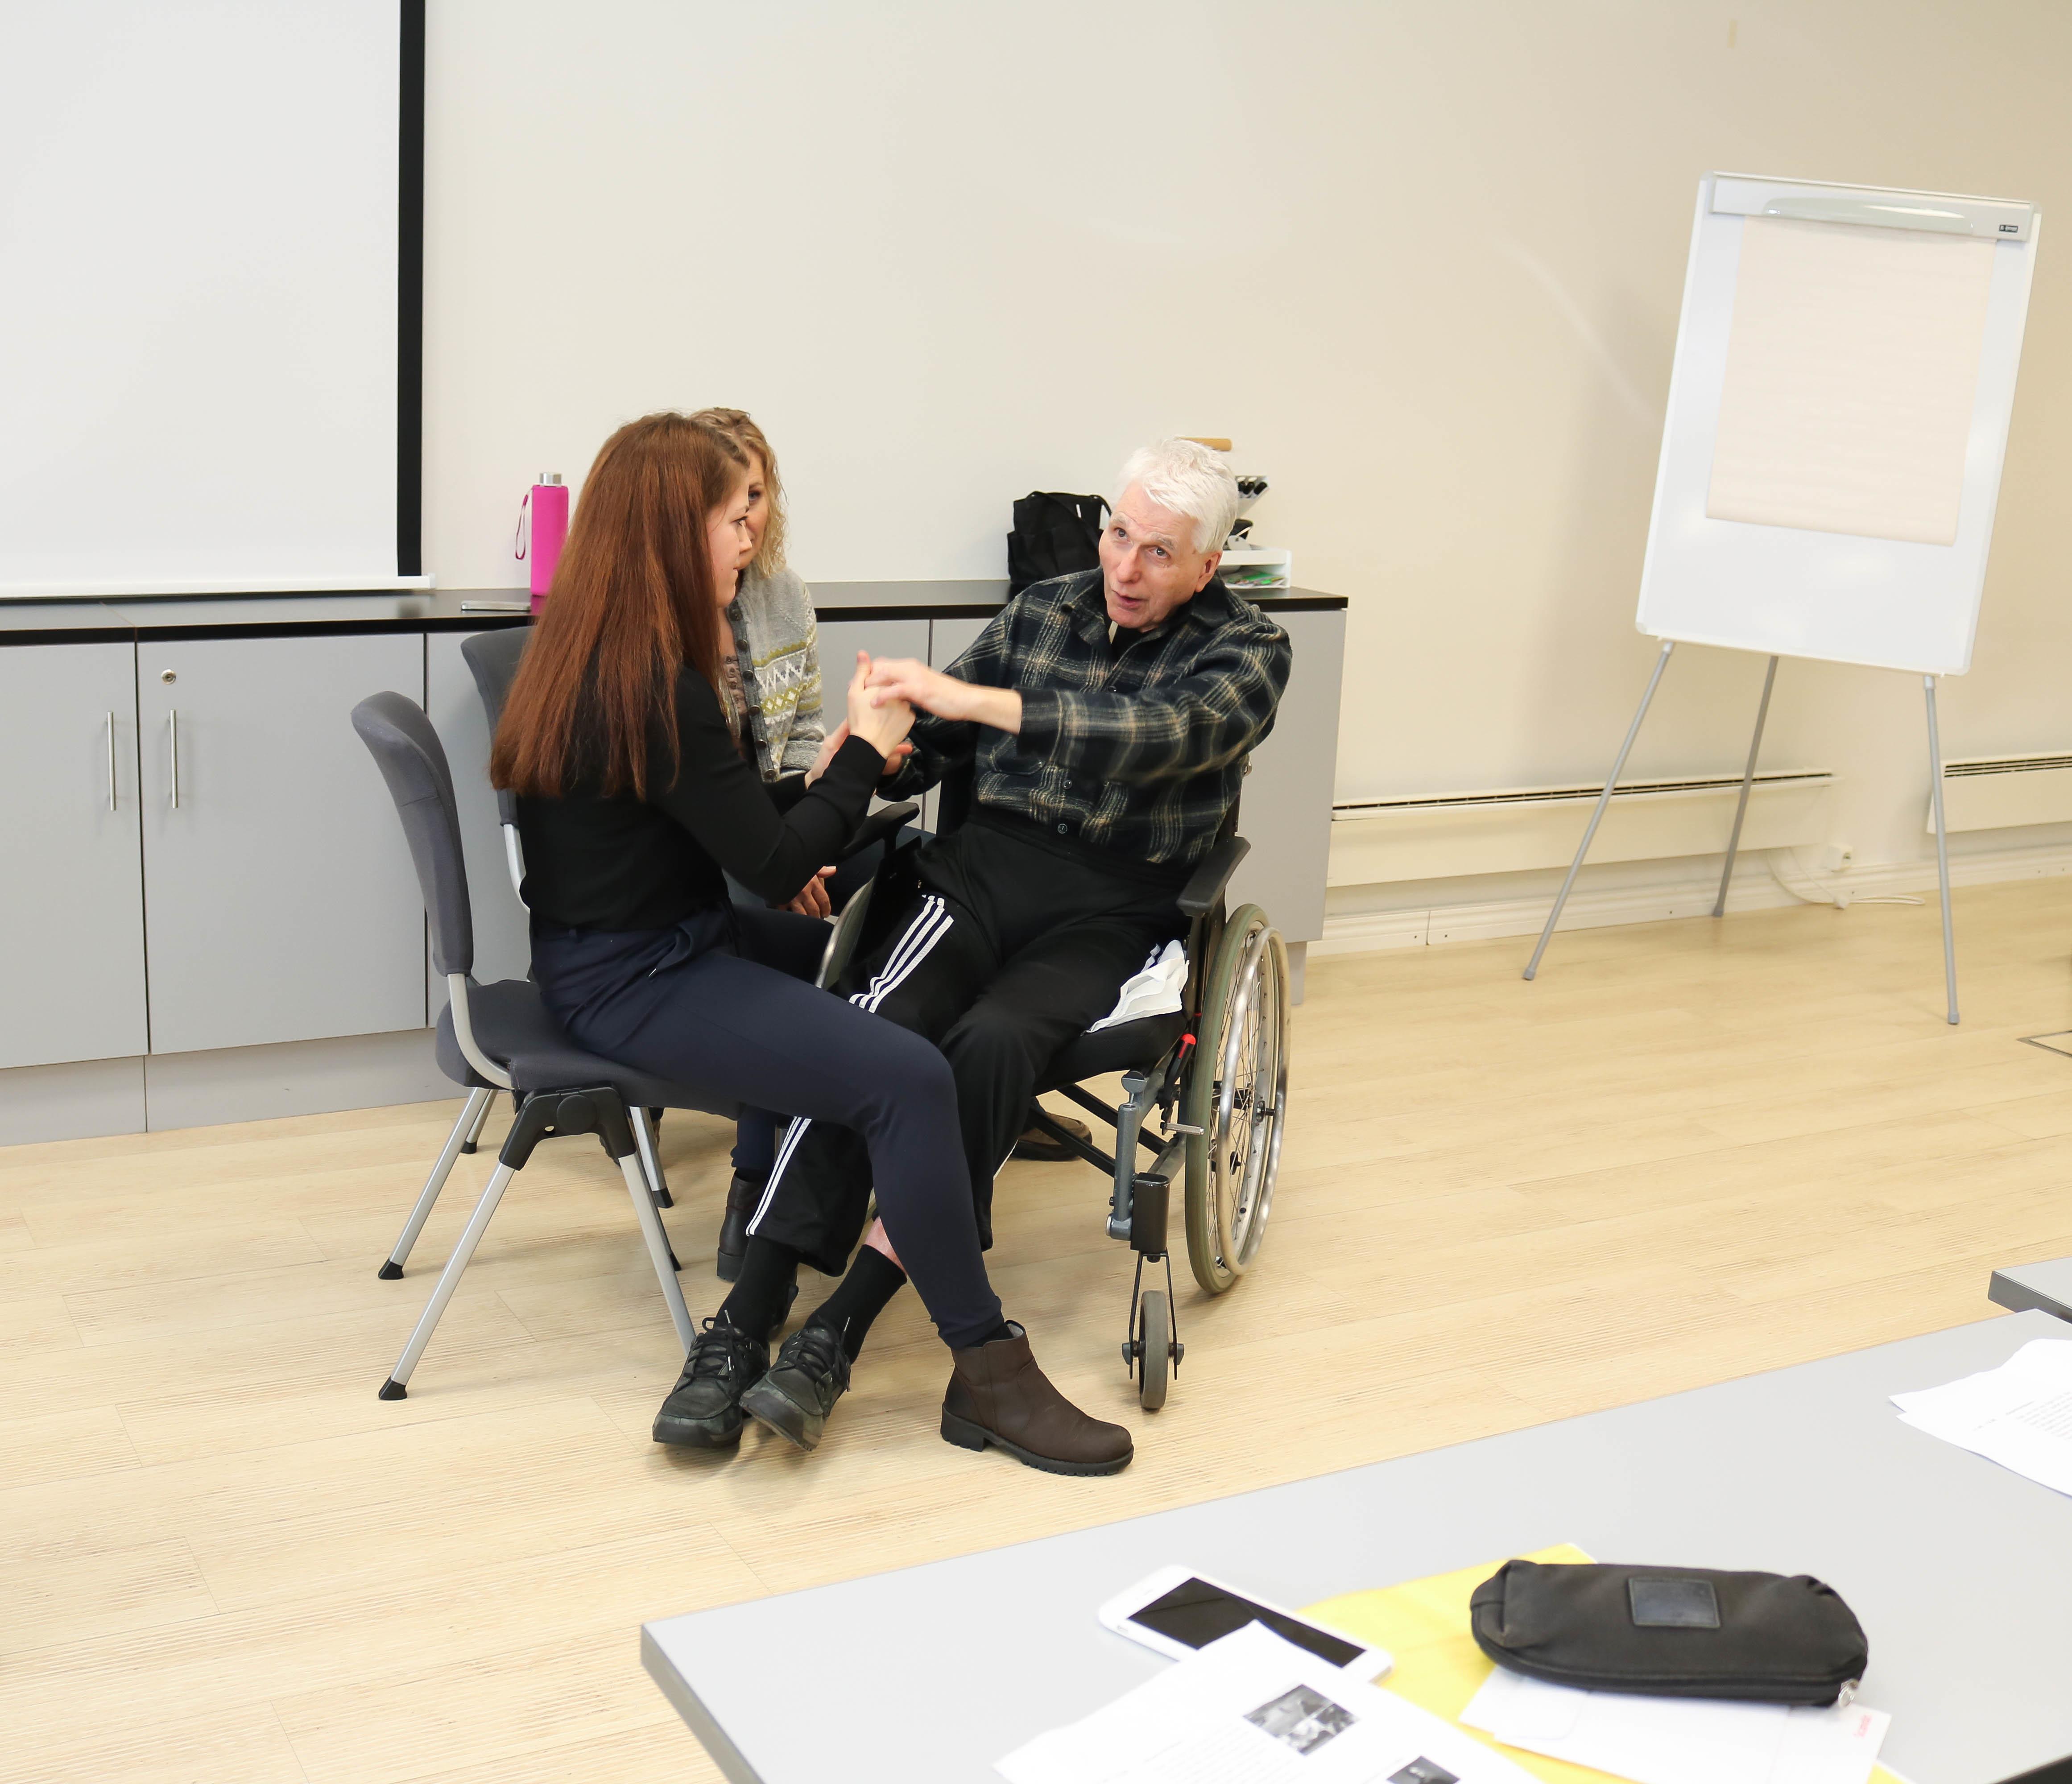 Døvblind, eldre mann i rullestol får hjelp at to kvinnelige ledsagere til å fortelle sin historie.